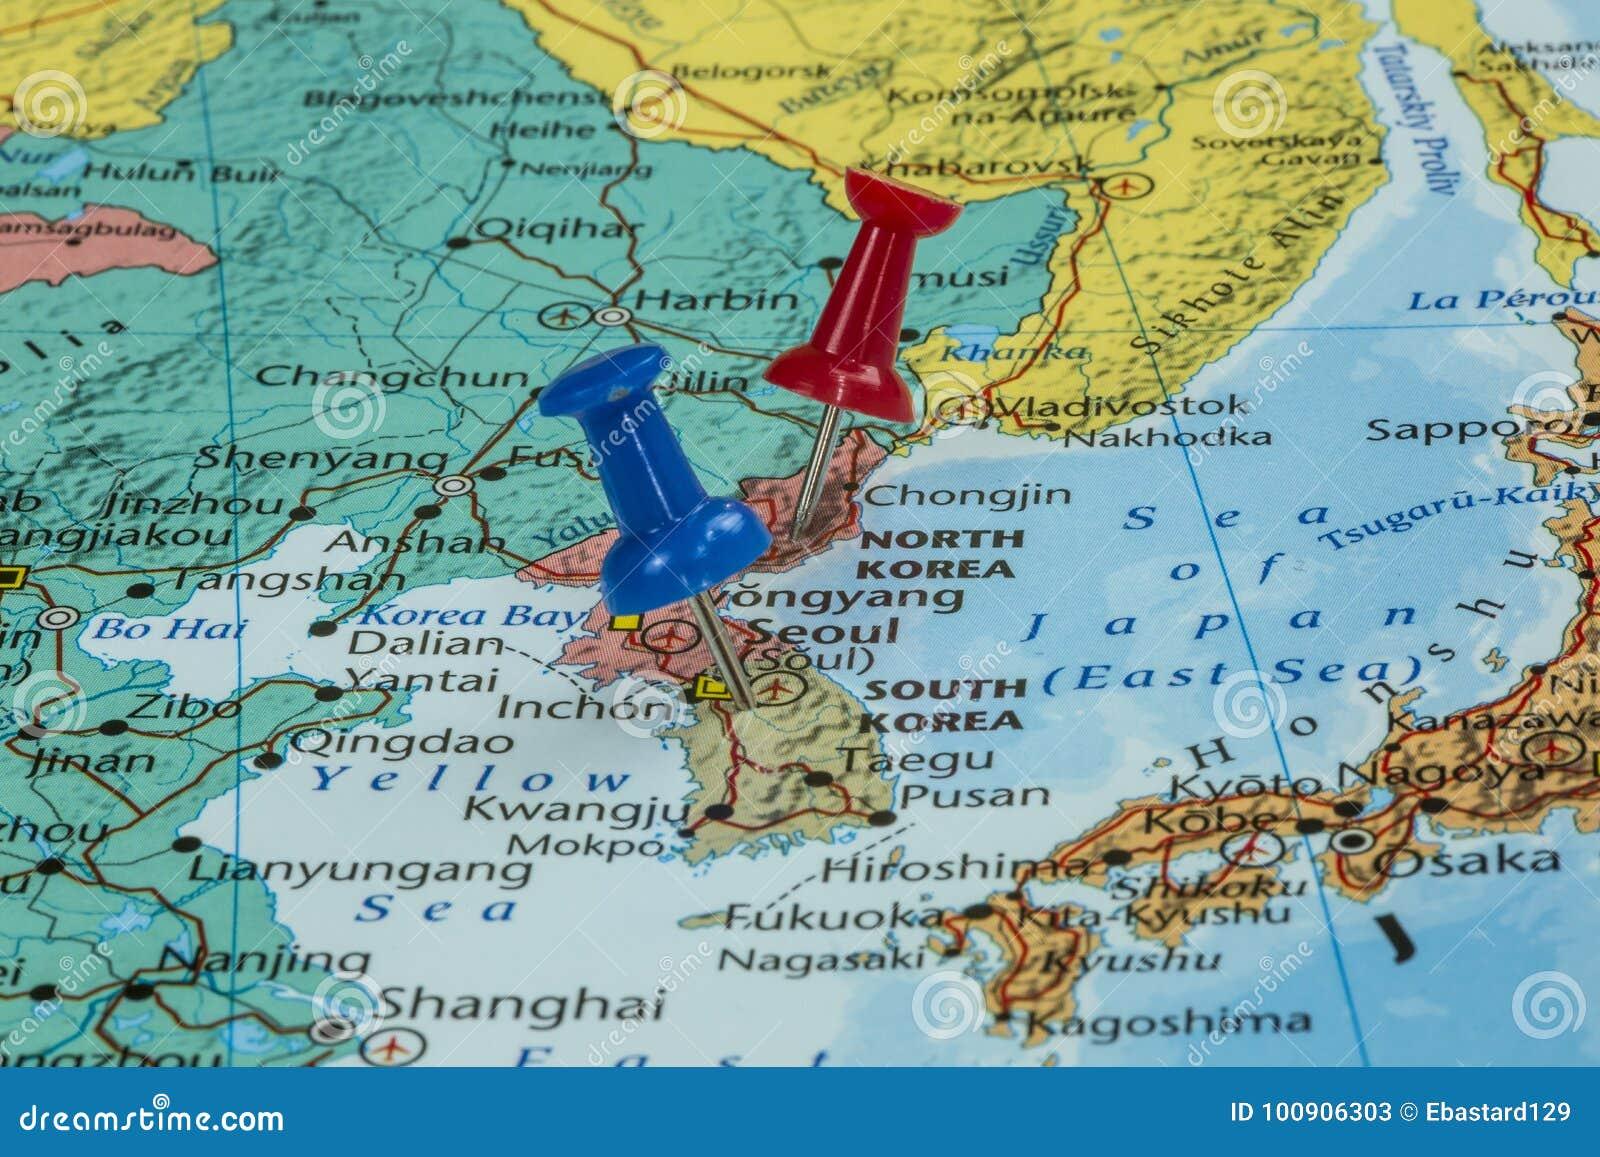 Südkorea Karte.Karte Von Nordkorea Und Von Südkorea Stockbild Bild Von